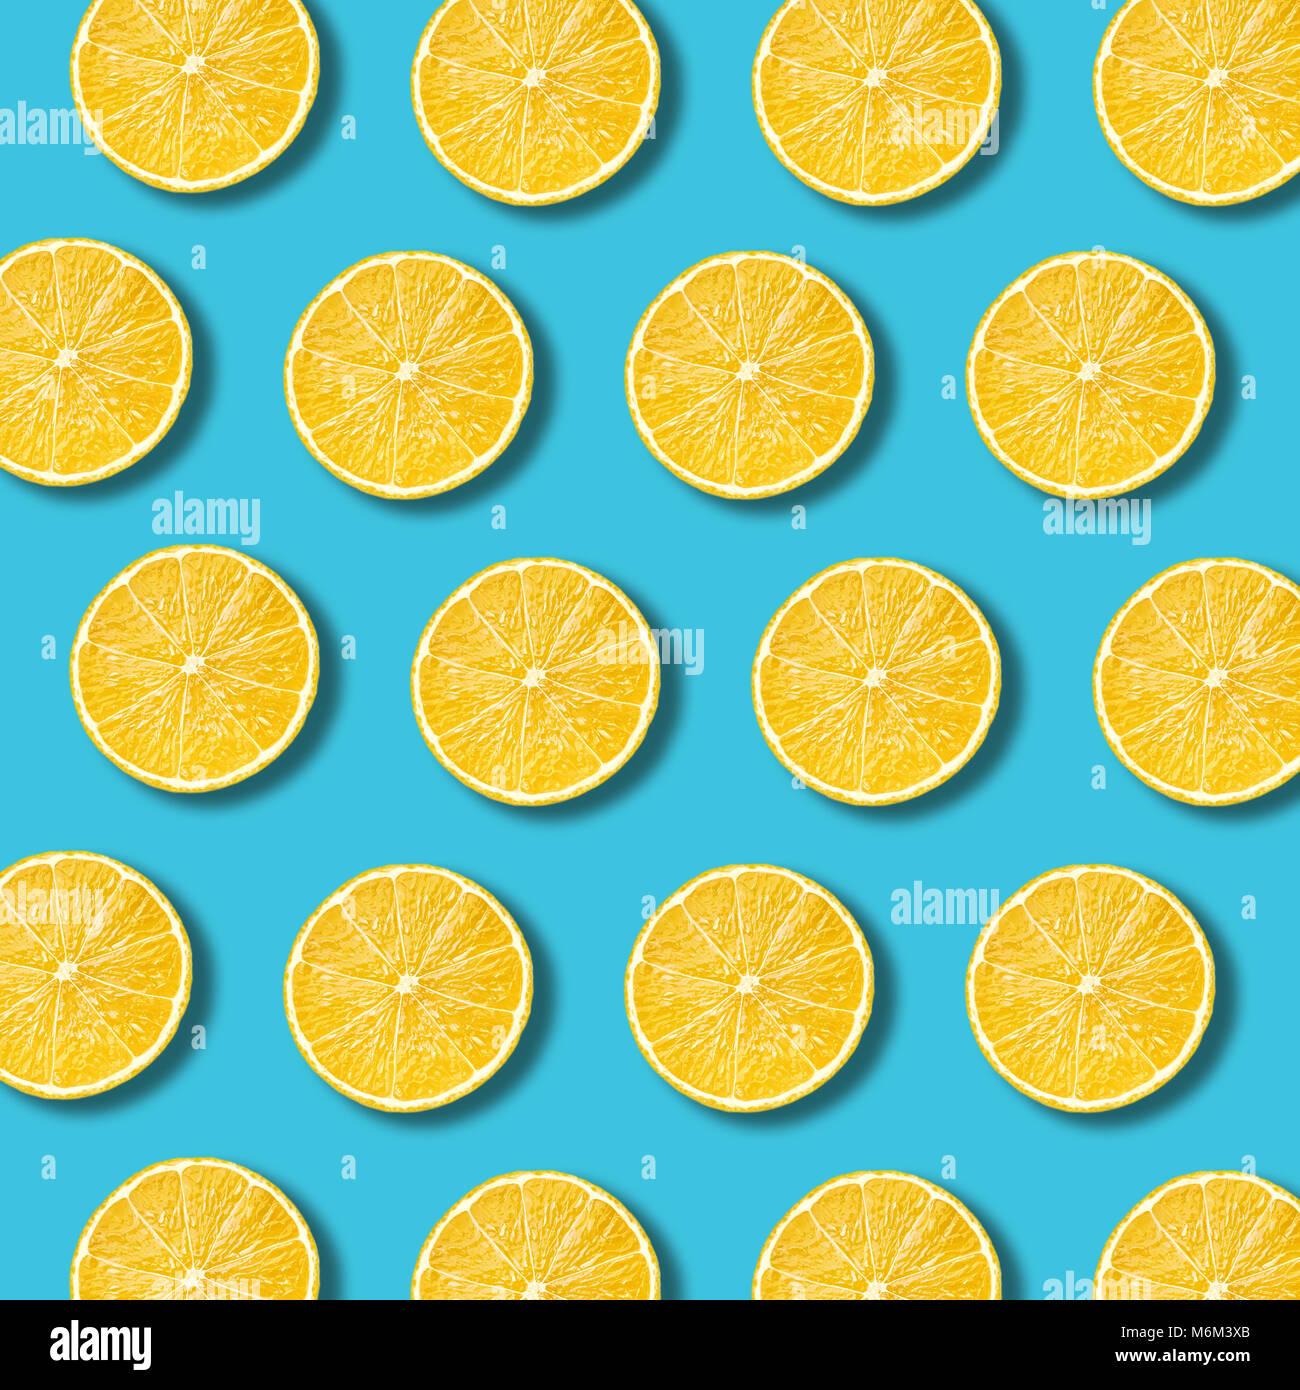 Les tranches de citron sur fond de couleur turquoise éclatantes. La texture des aliments non forfaitaire minime Photo Stock